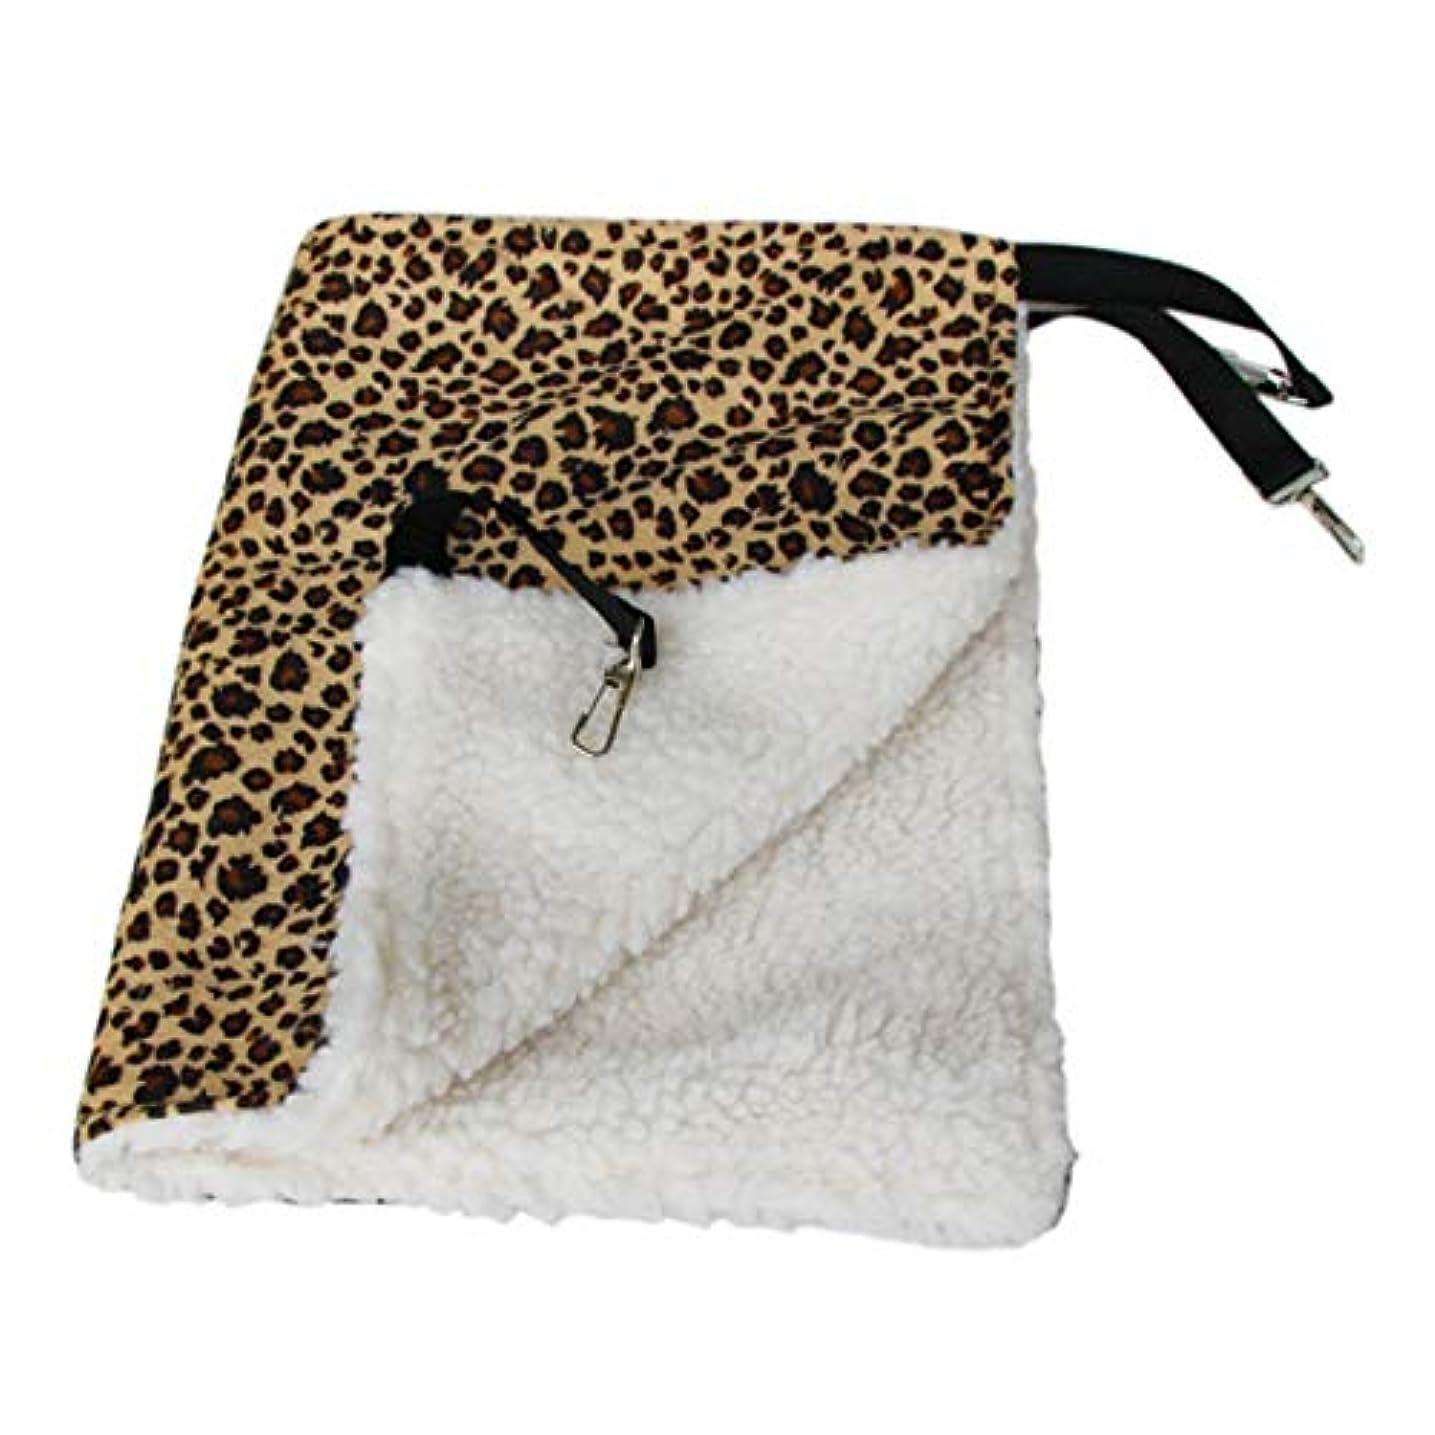 失敗羊博物館Saikogoods 暖かいハンギング猫ベッドマットソフトキャットハンモック冬ハンモックペット子猫ケージベッドカバークッションエアベッドペット 黄 L